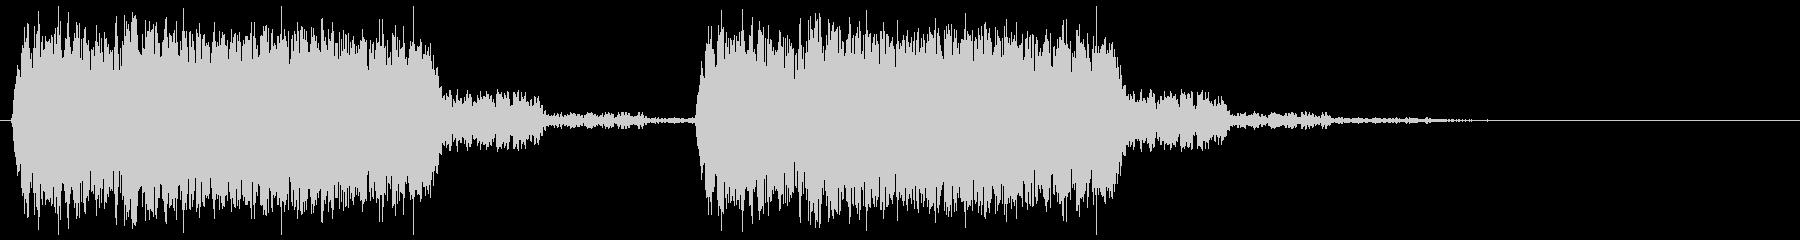 警報警告 アラーム音(ブーッ×2)の未再生の波形